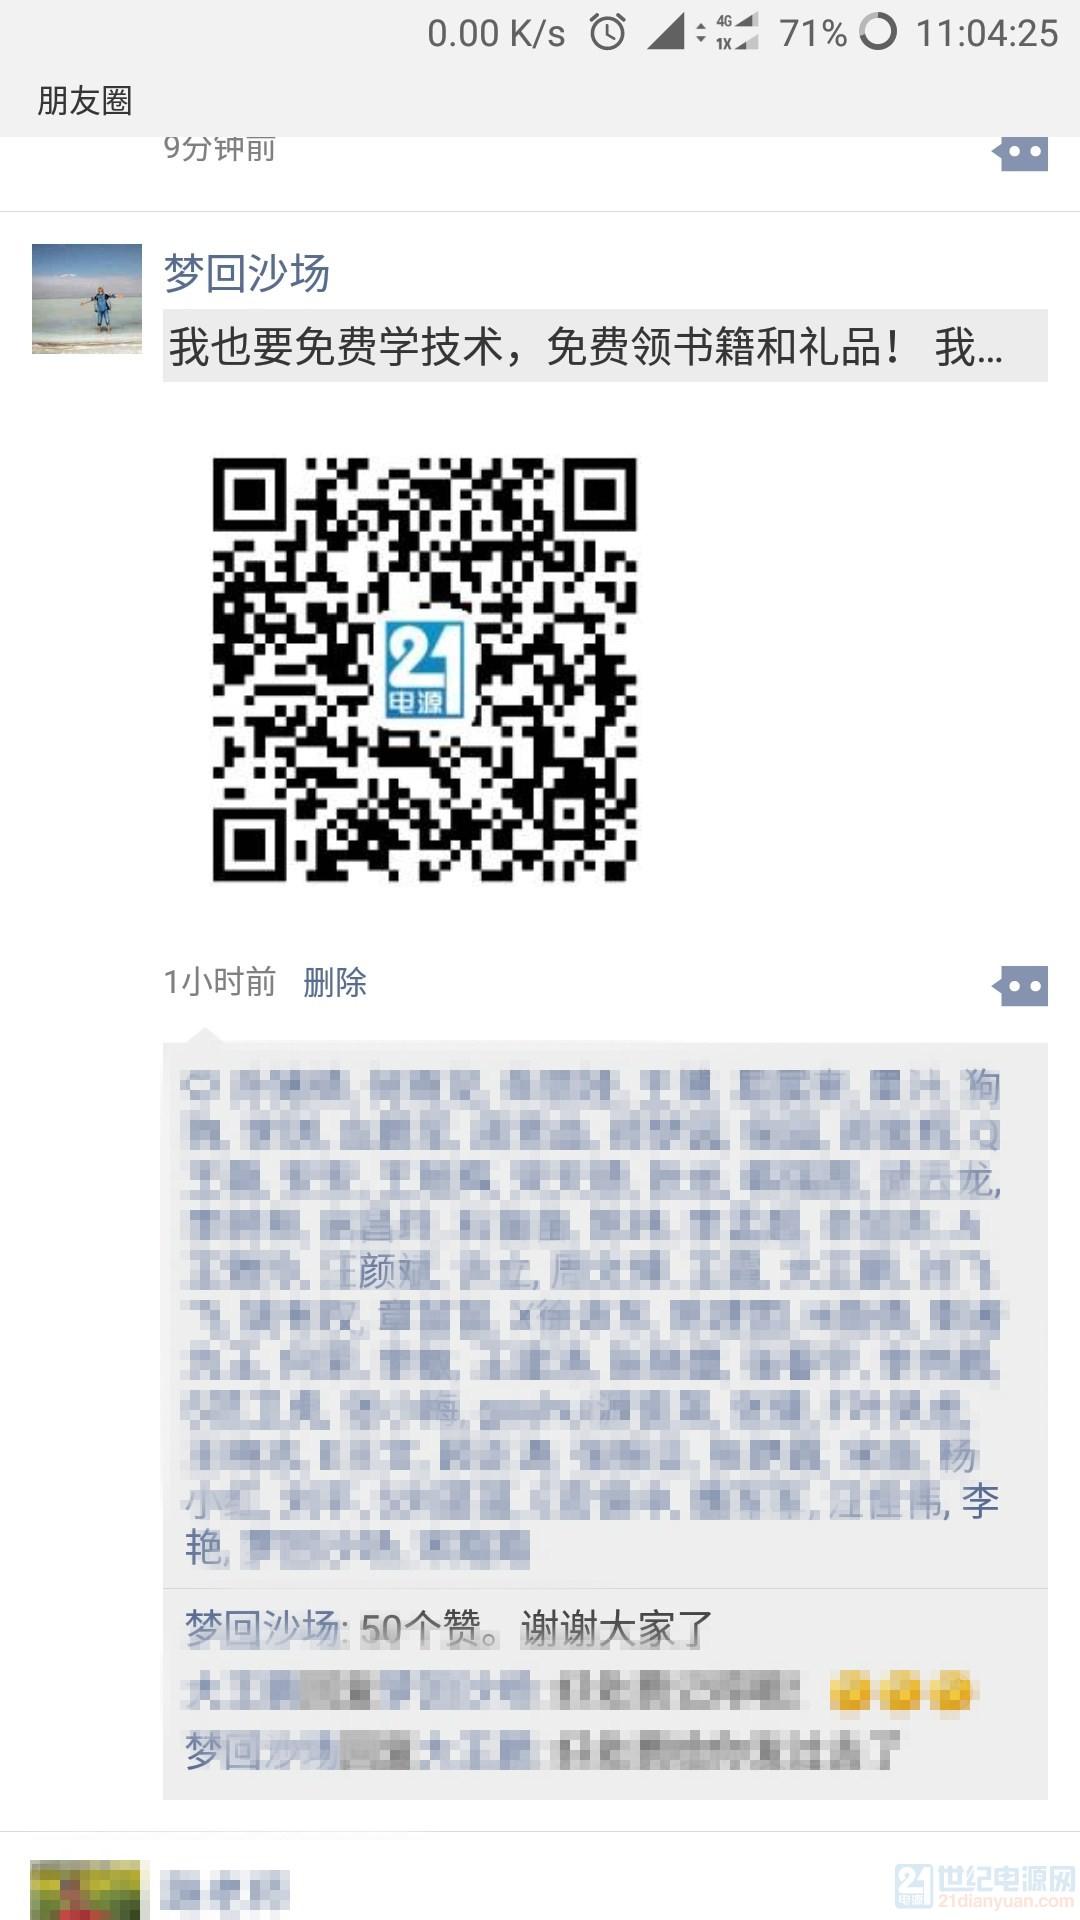 Screenshot_20180814-110425_副本.jpg